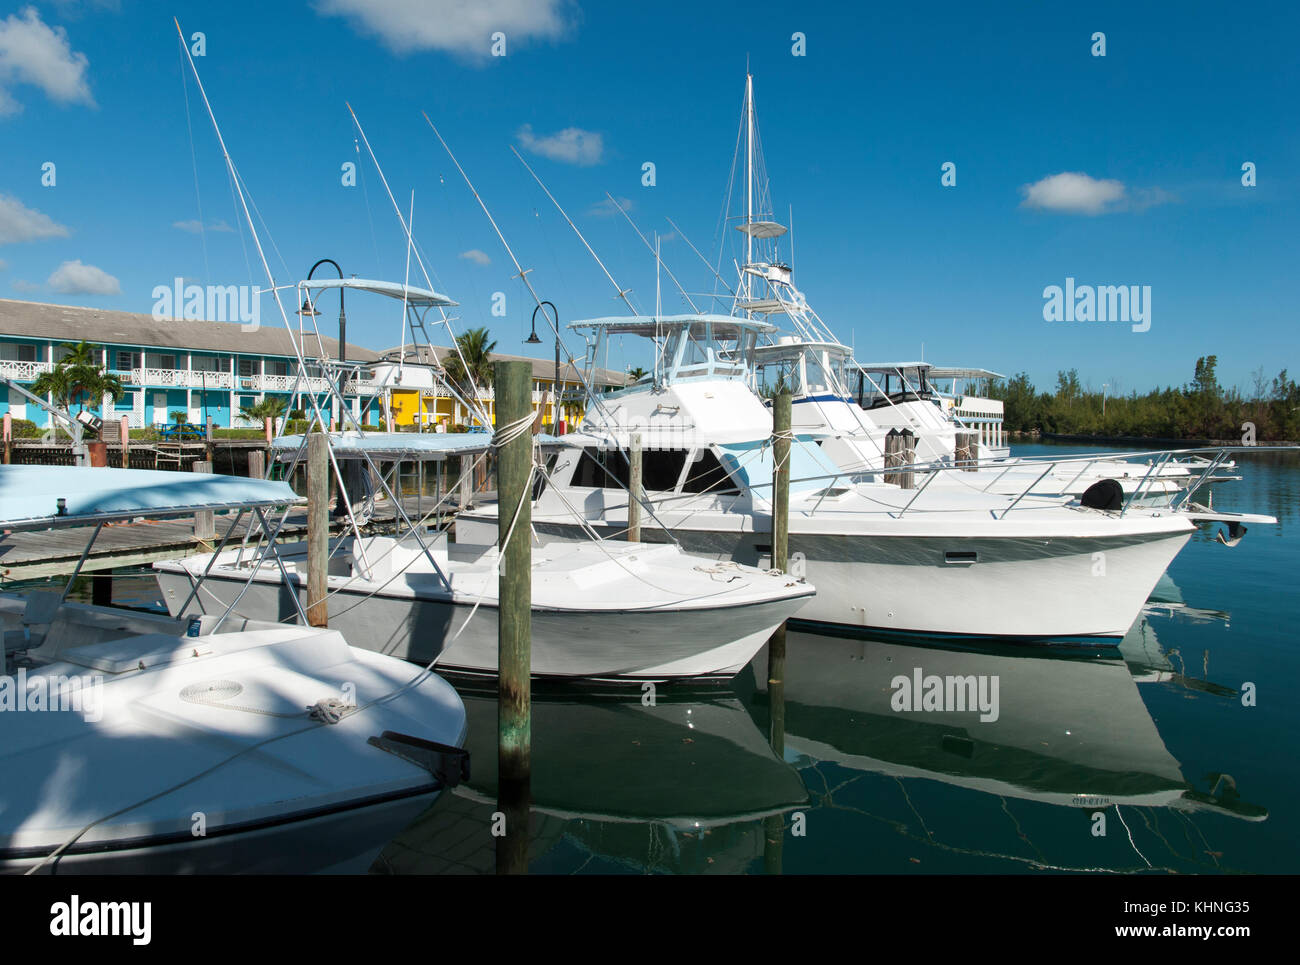 Lucaya bahama stock photos lucaya bahama stock images for Freeport fishing boats